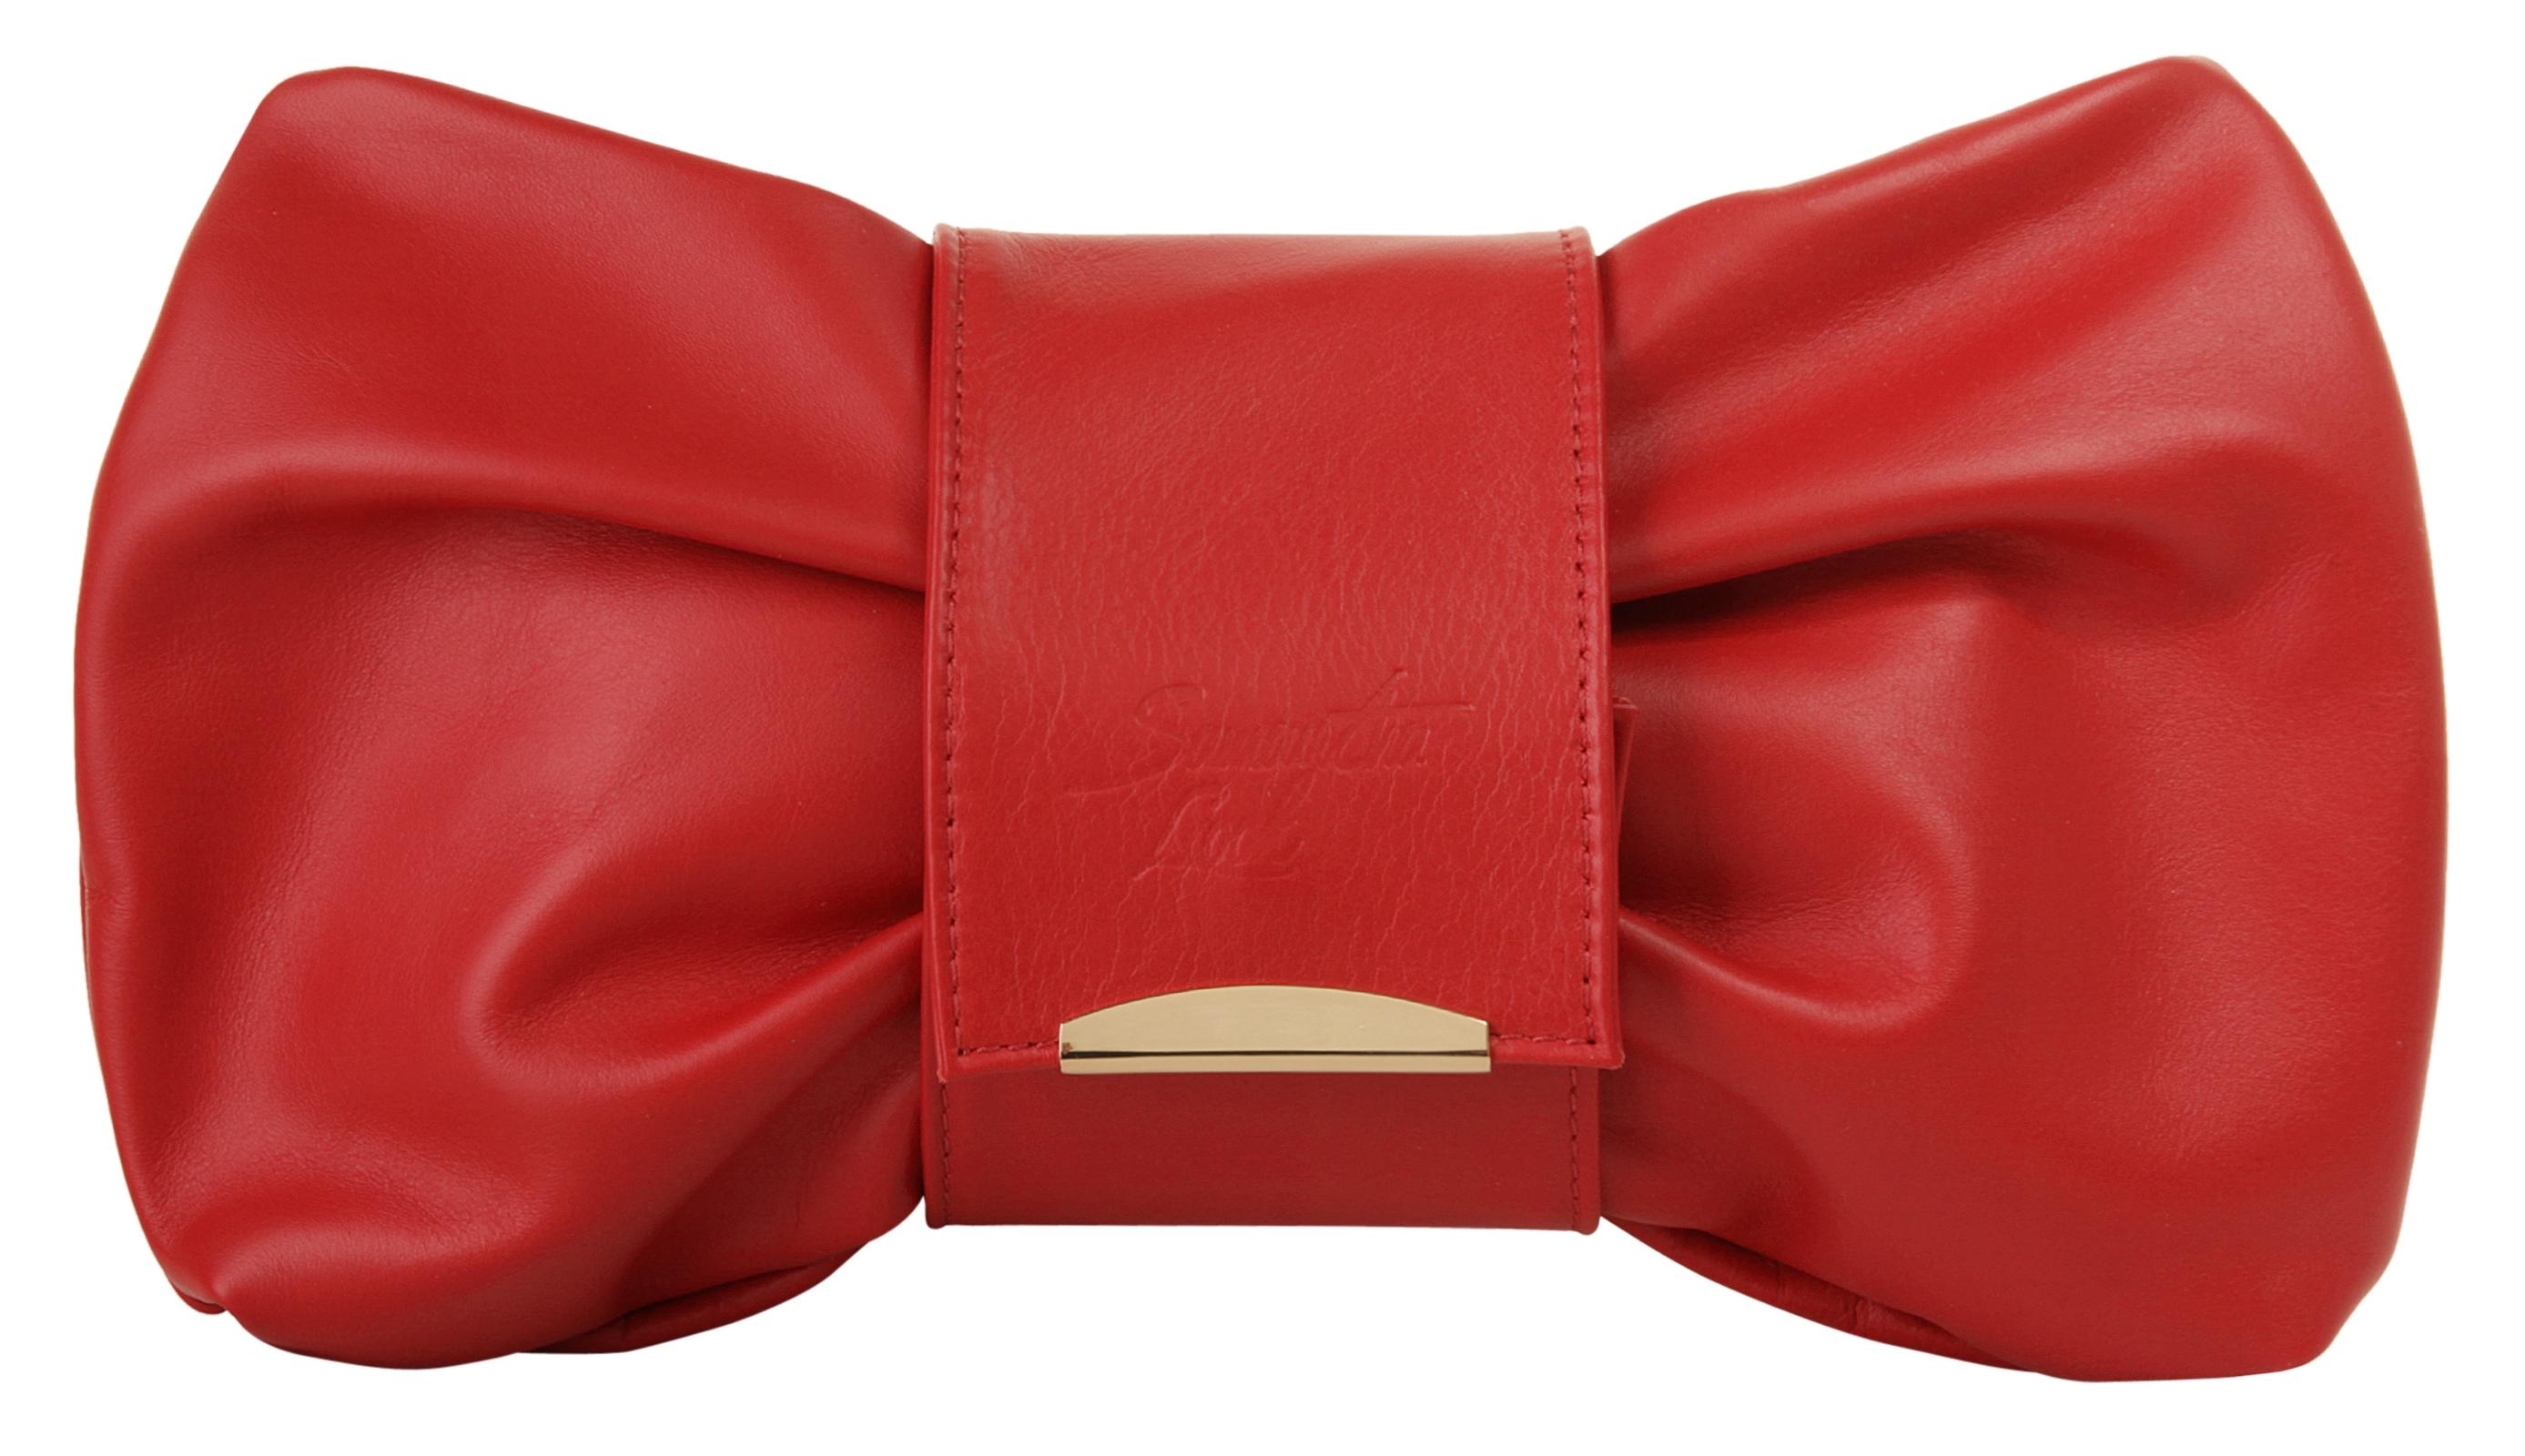 Samantha Look Abendtasche   Taschen > Handtaschen > Abendtaschen   Rot   Samantha Look